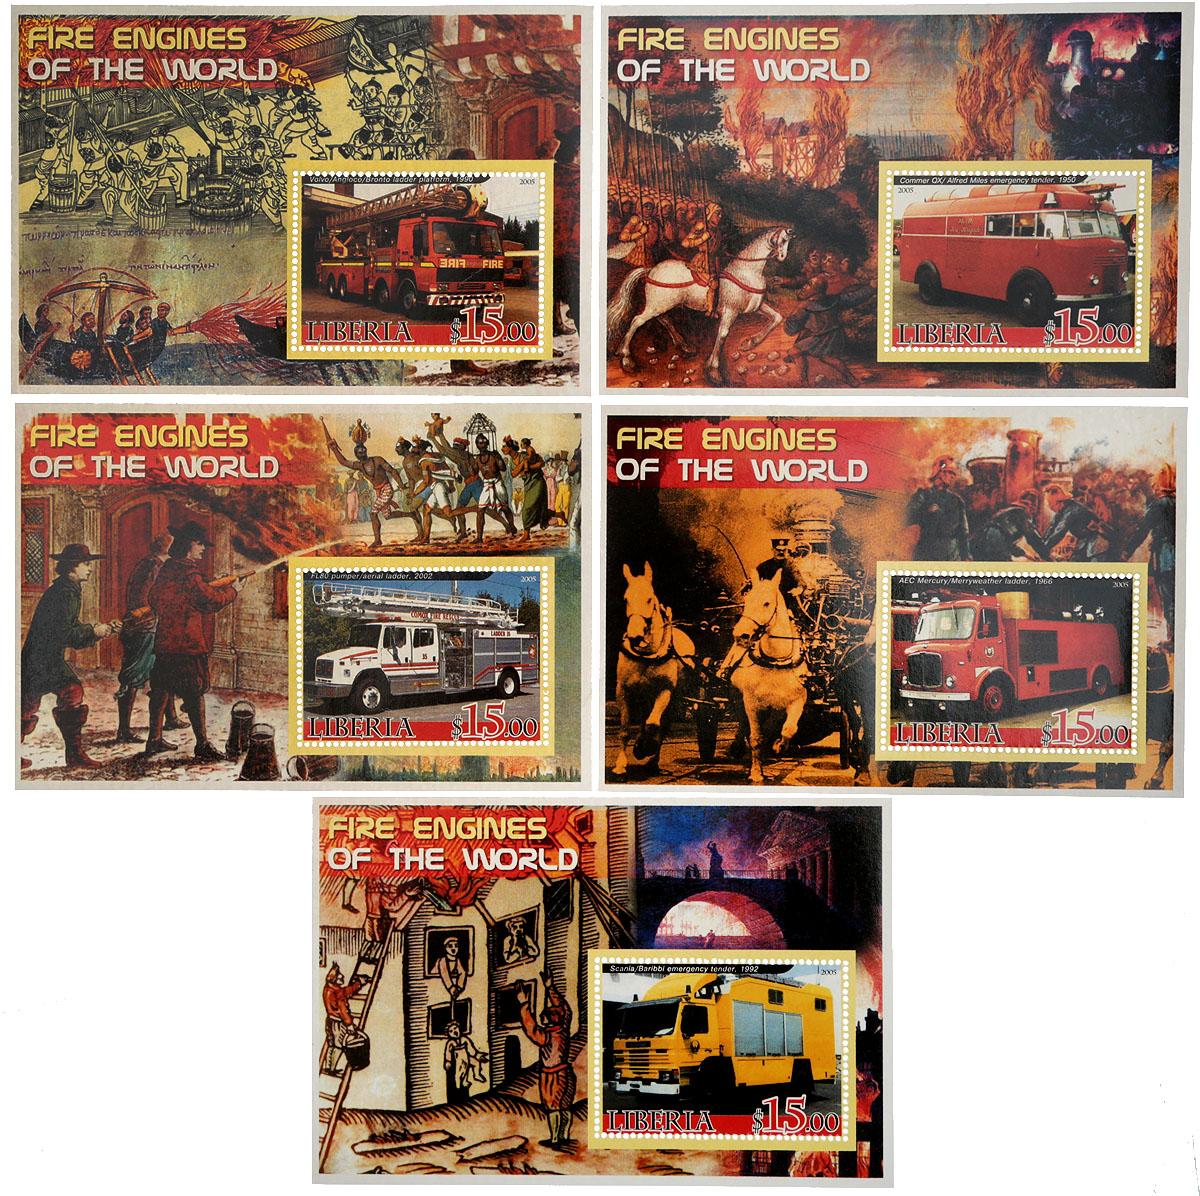 Комплект из 5 почтовых блоков Пожарные машины мира. Либерия, 2005 годМКСПБ 36-2016.13Комплект из 5 почтовых блоков Пожарные машины мира. Либерия, 2005 год